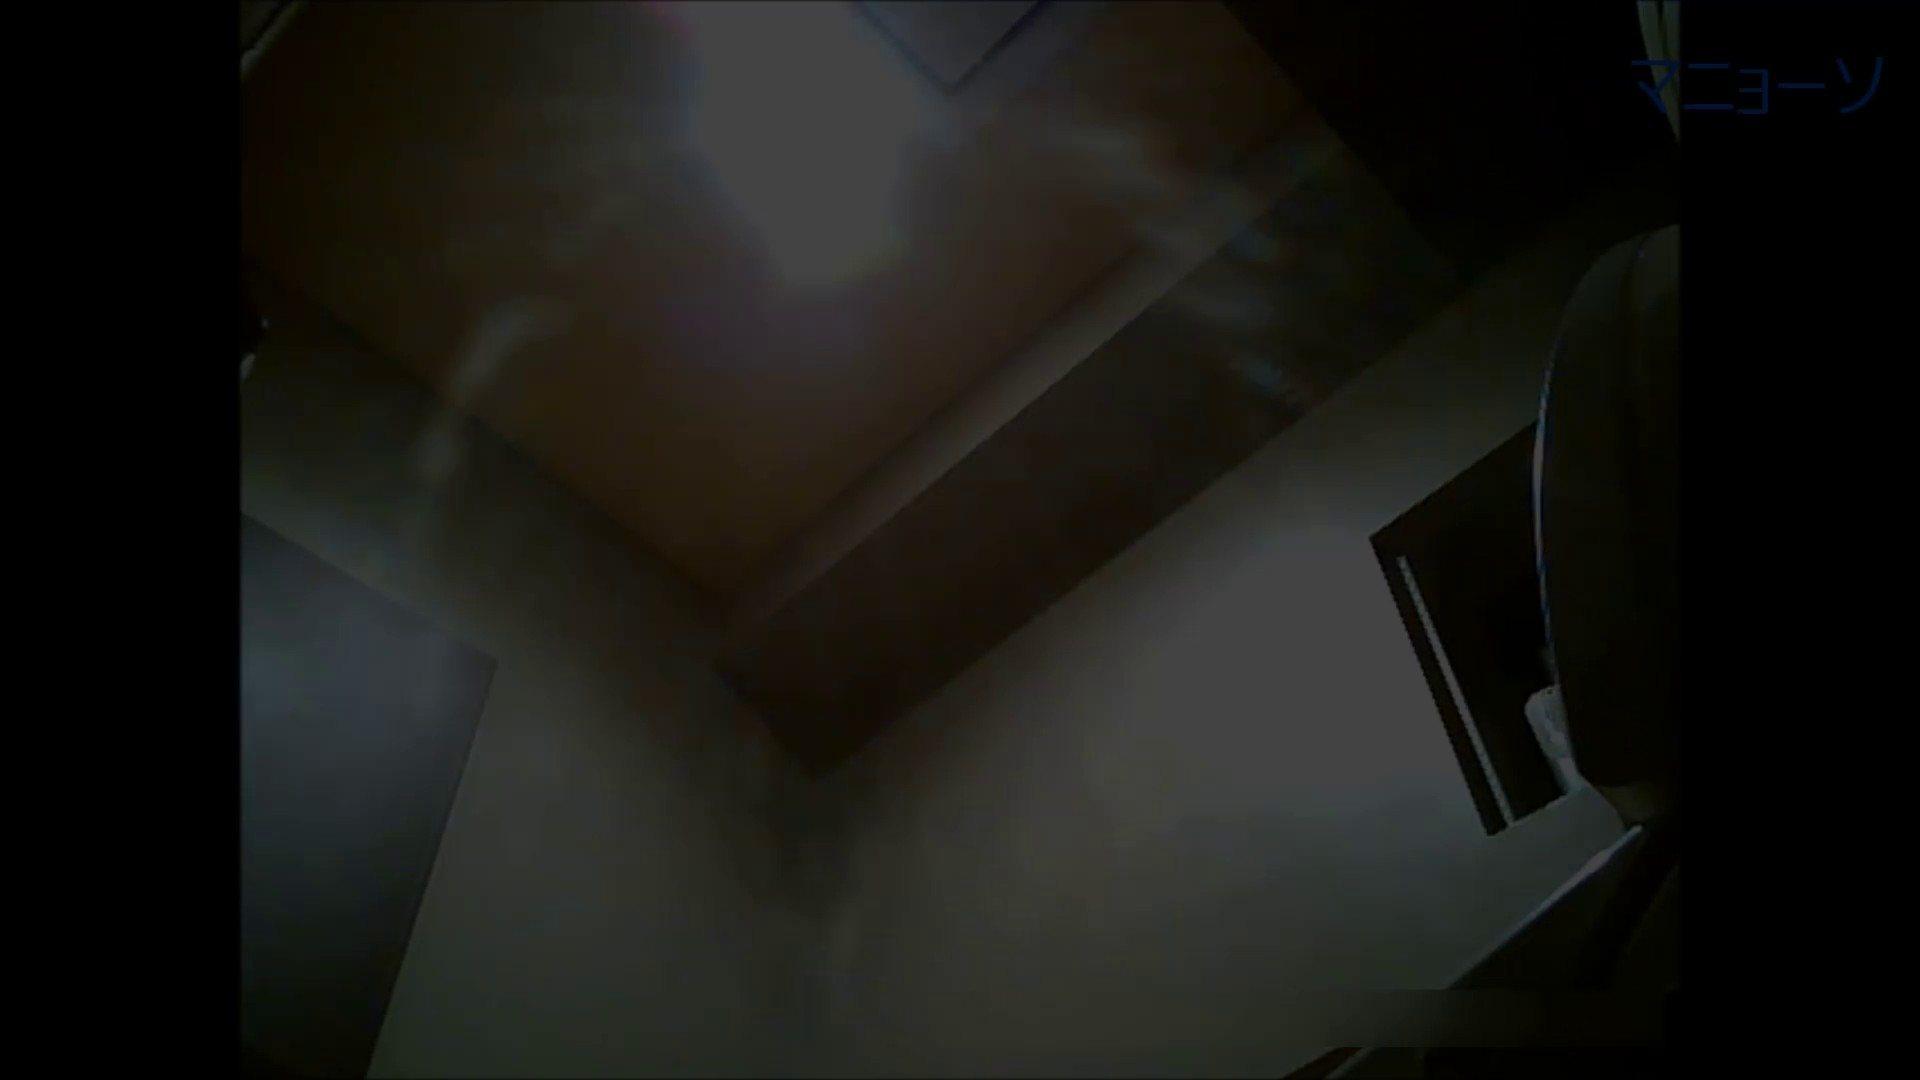 トイレでひと肌脱いでもらいました (OL編)Vol.06 OL  61pic 41